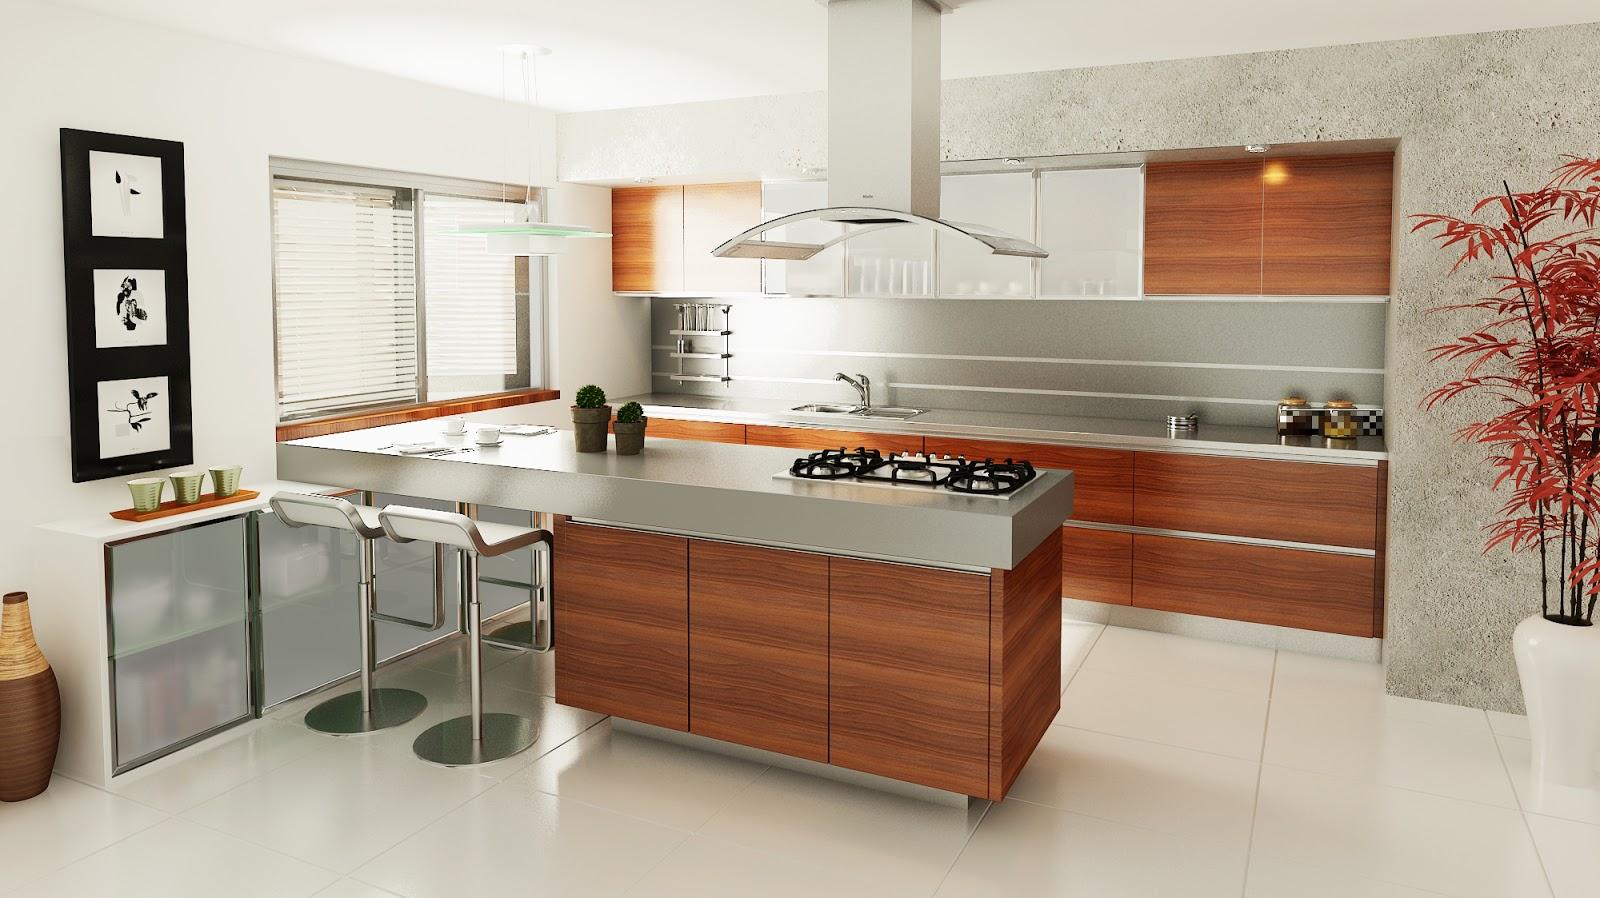 Arquitectura en im genes 3d dise o de interiores cocinas - Diseno 3d cocinas ...